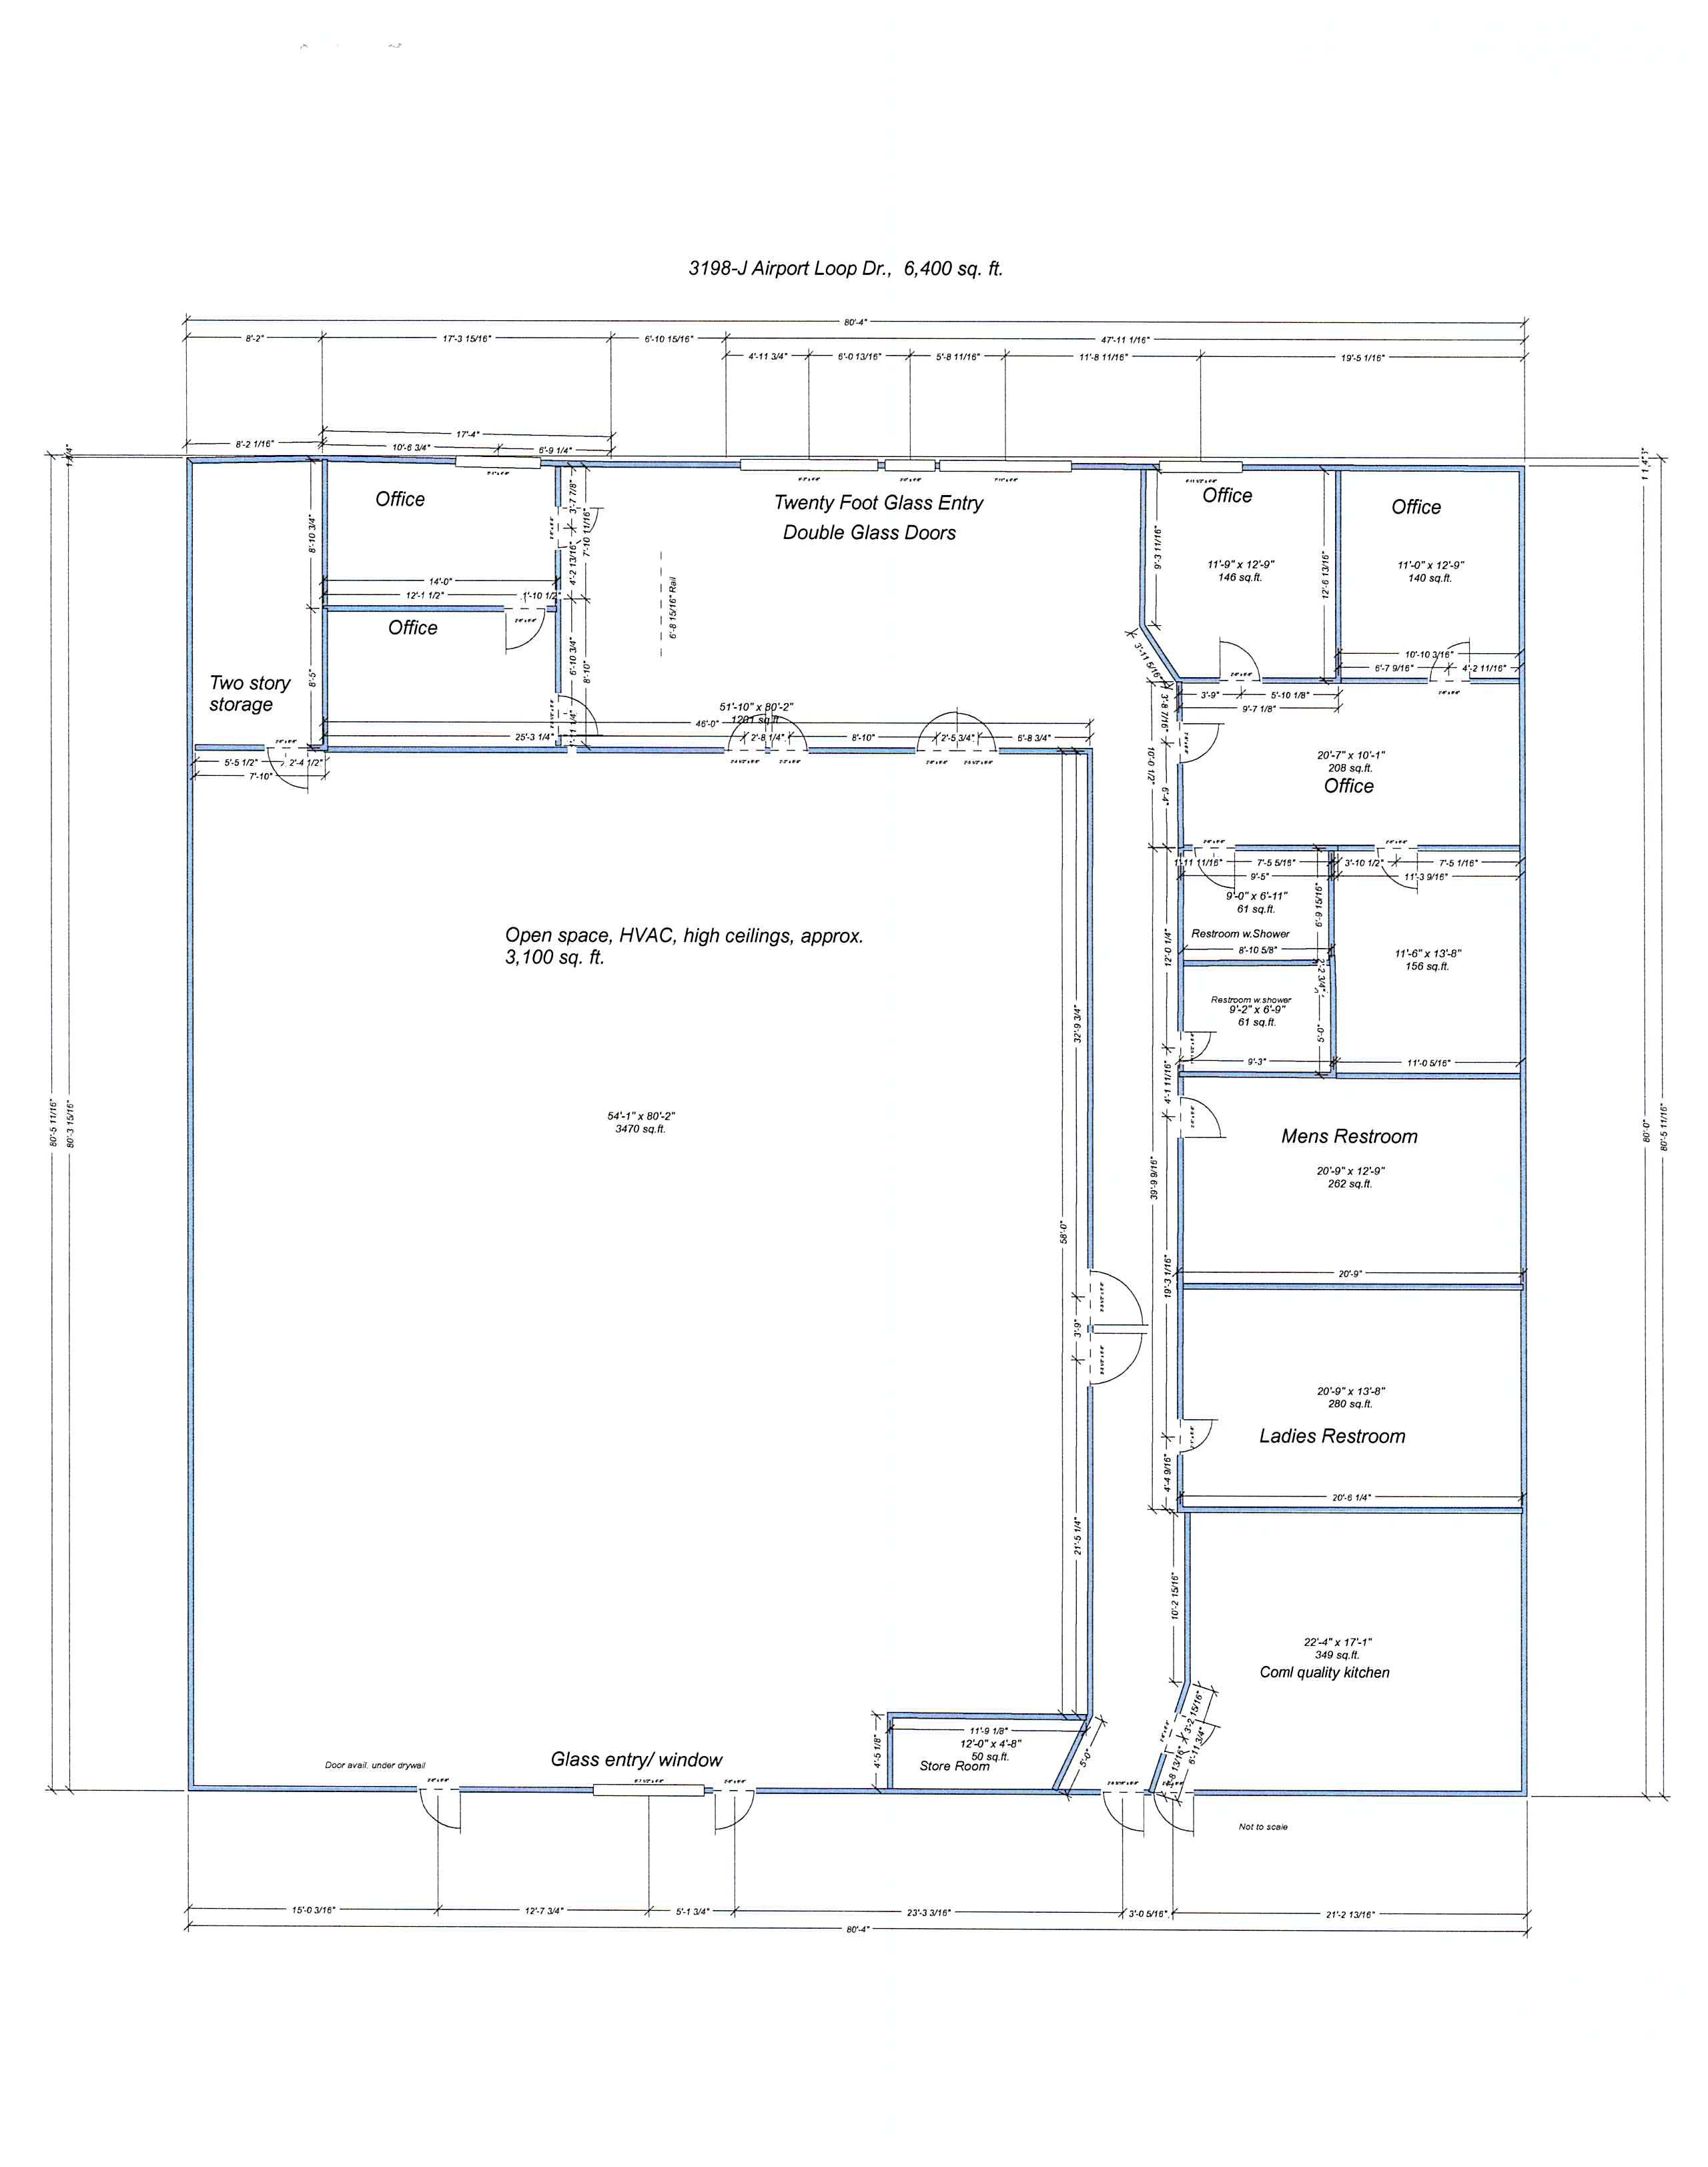 3183-J Floor Plan